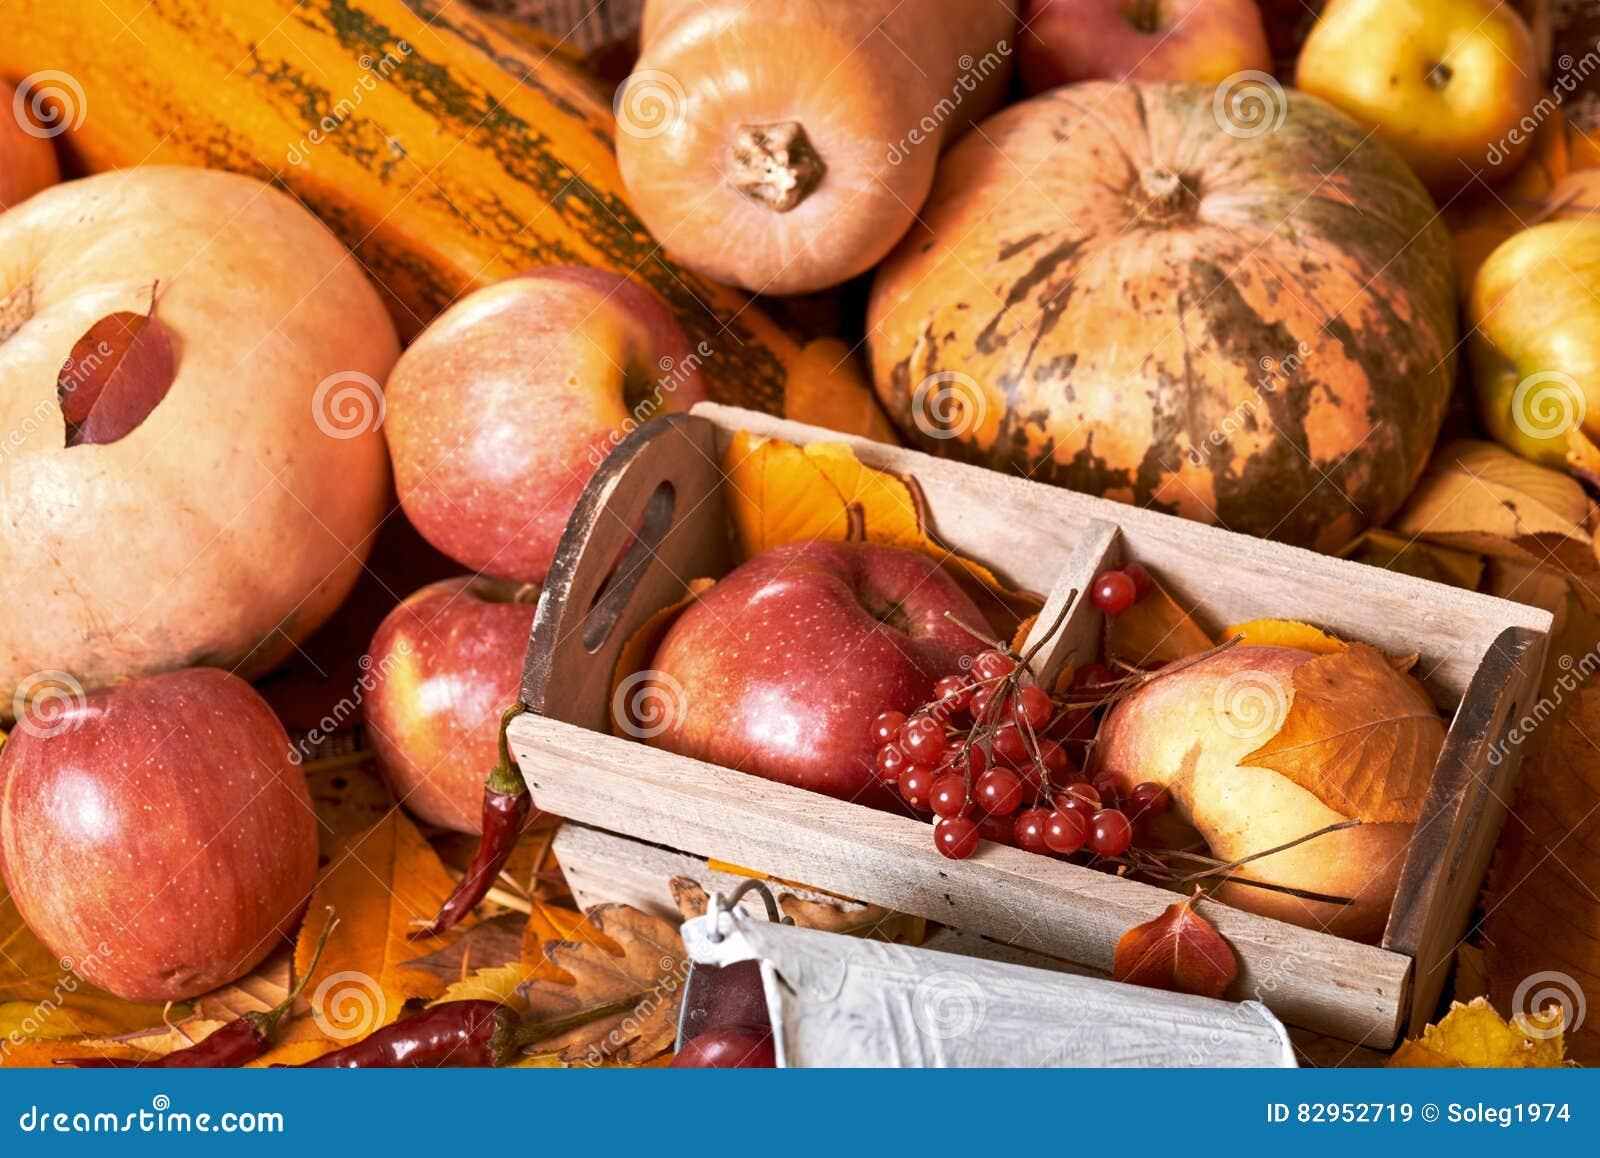 Hintergrund Obst Und Gemuse Auf Gelben Gefallenen Blattern Apfel